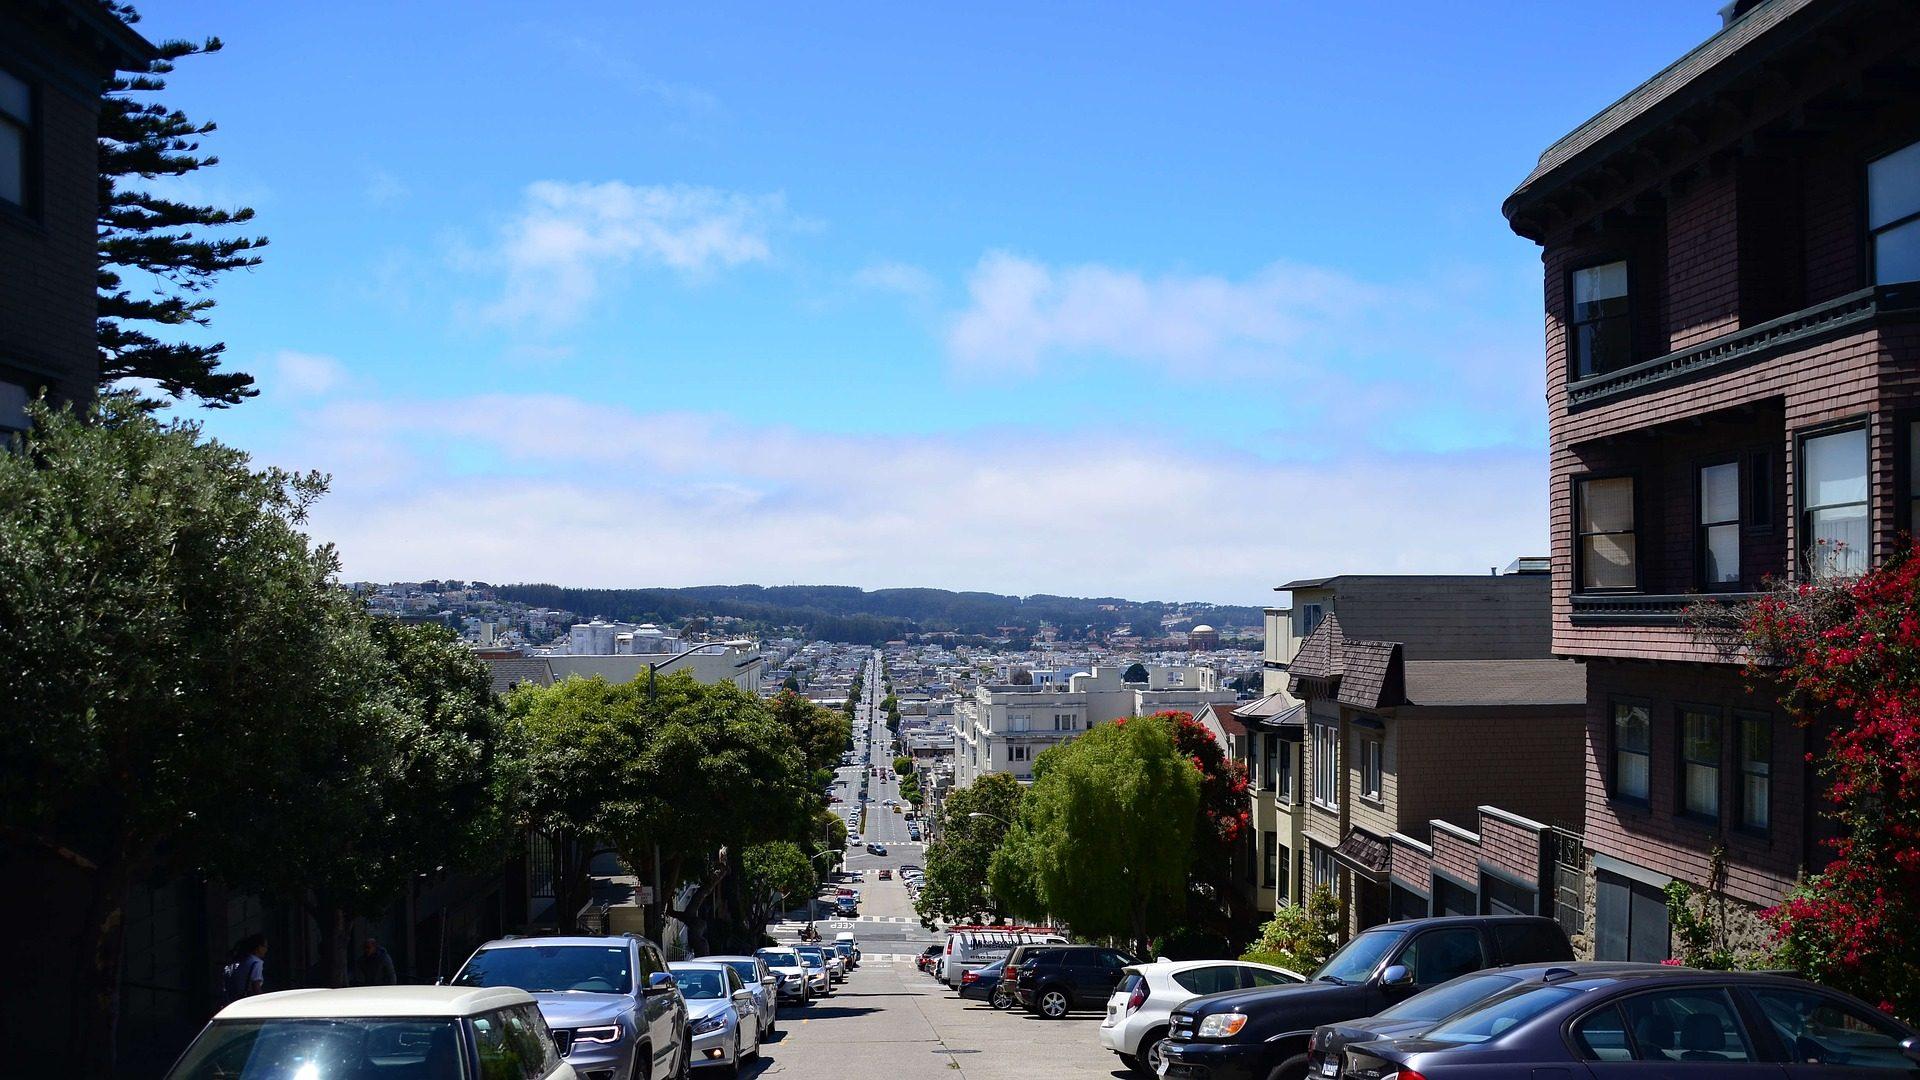 Улица, жилой, Город, Автомобили, наклон, Ломбард, Сан-Франциско - Обои HD - Профессор falken.com